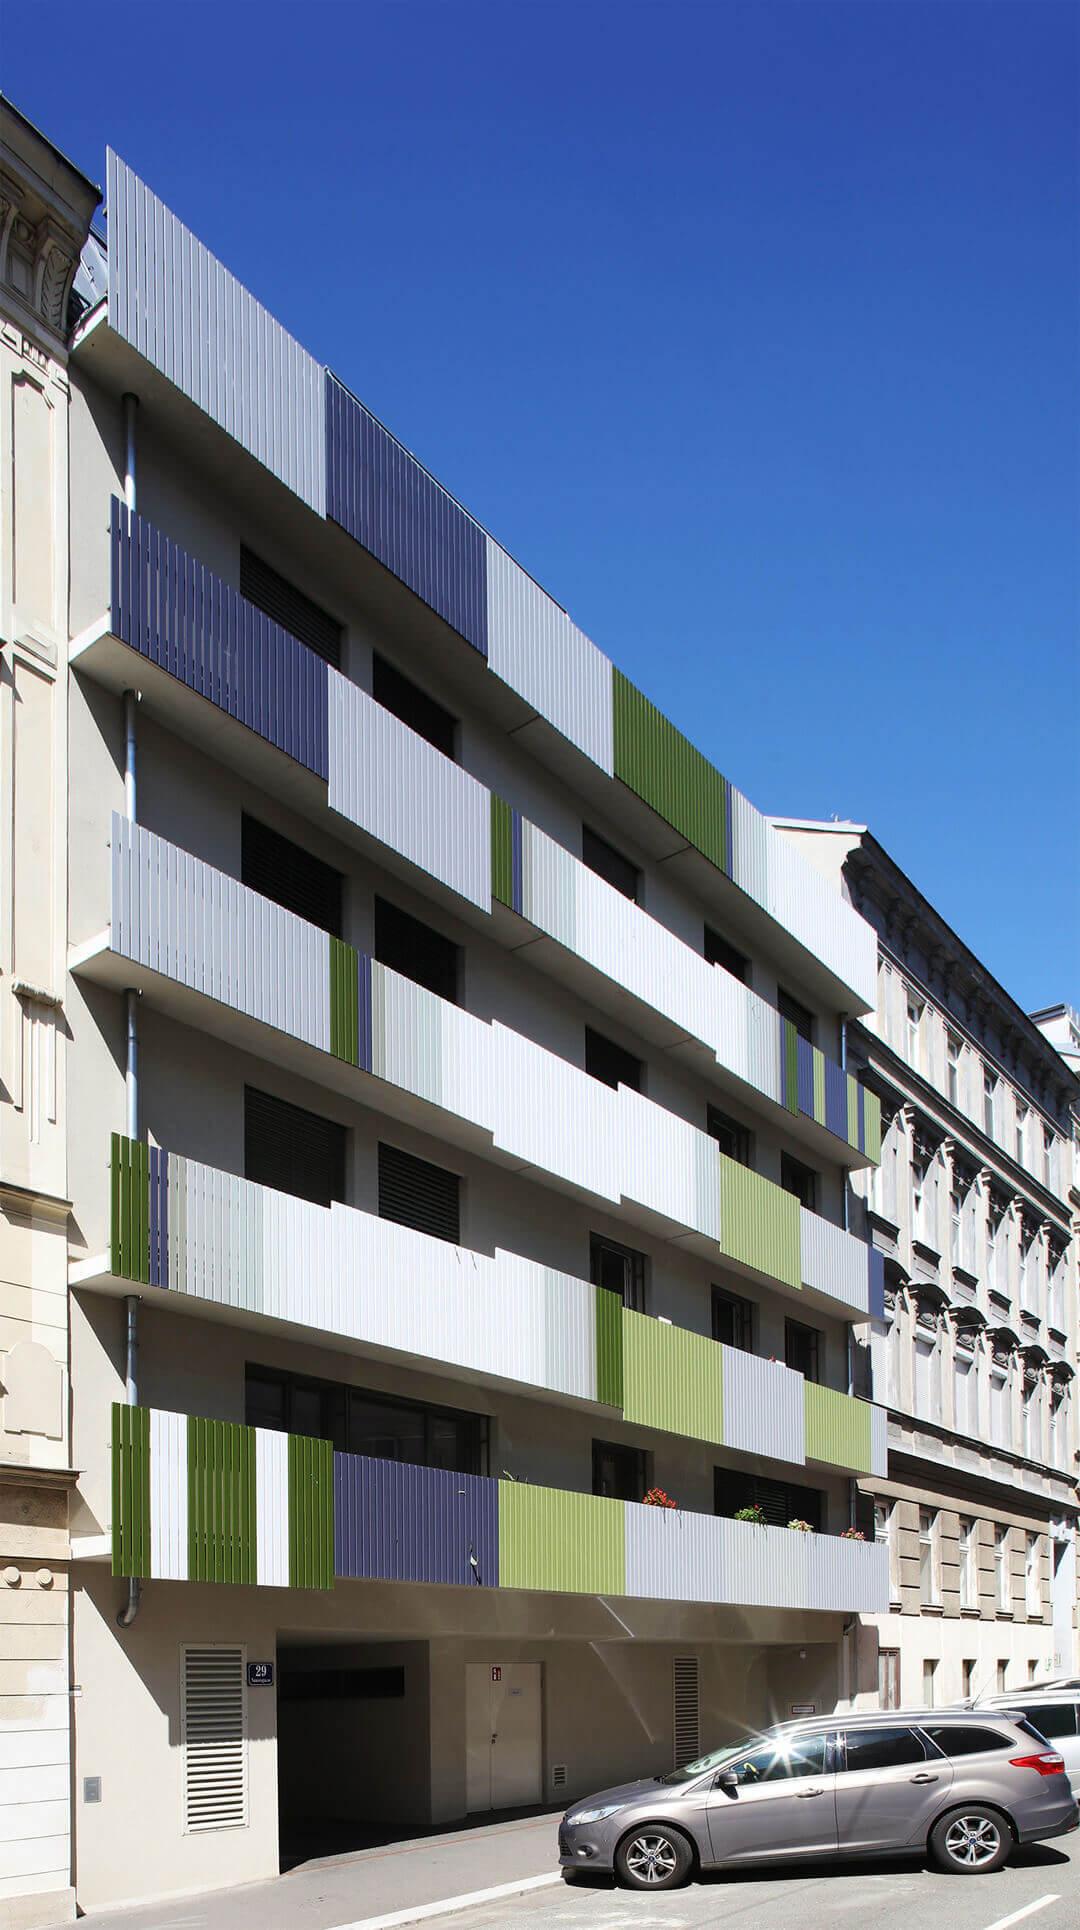 Farbgestaltung_Architektur_Wien_Ingo_Nussbaumer_Querkraft_ODO_2017